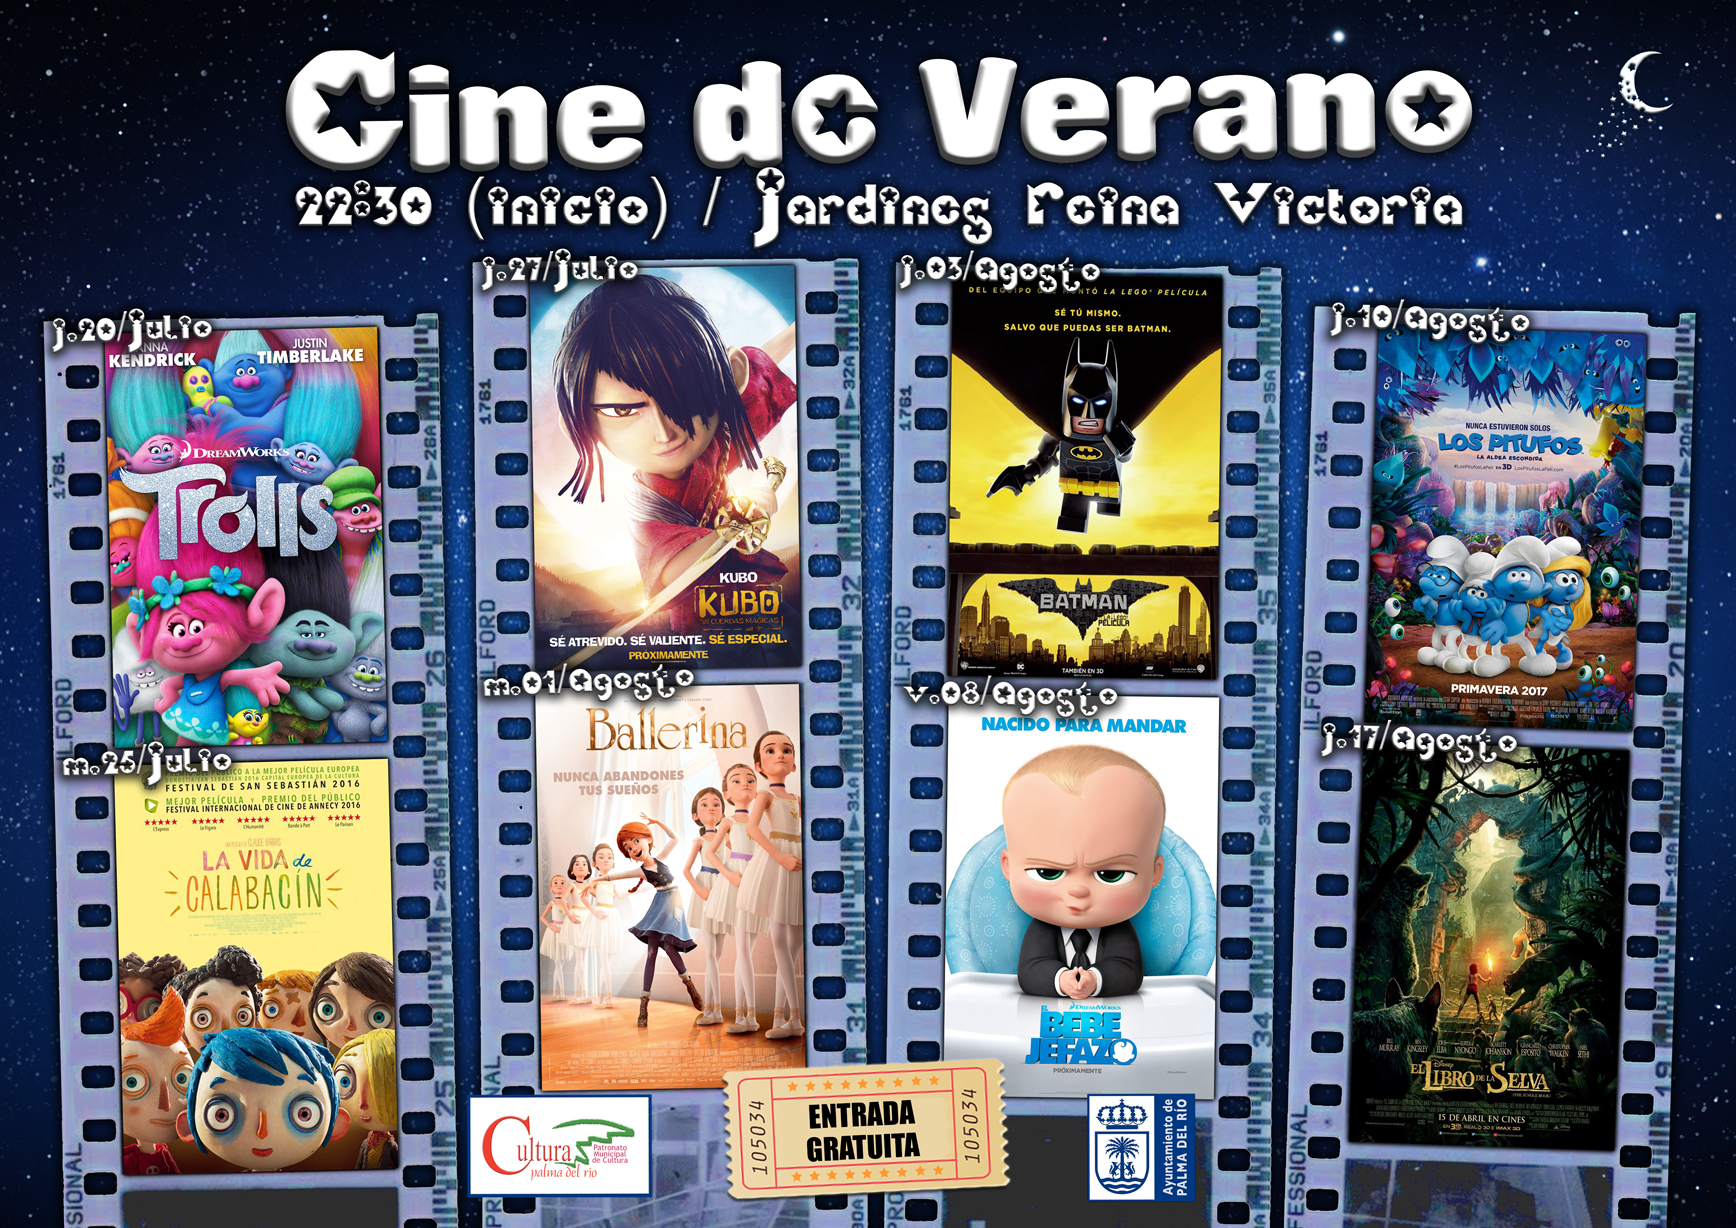 Cartel-cine-verano-2017-WEB2